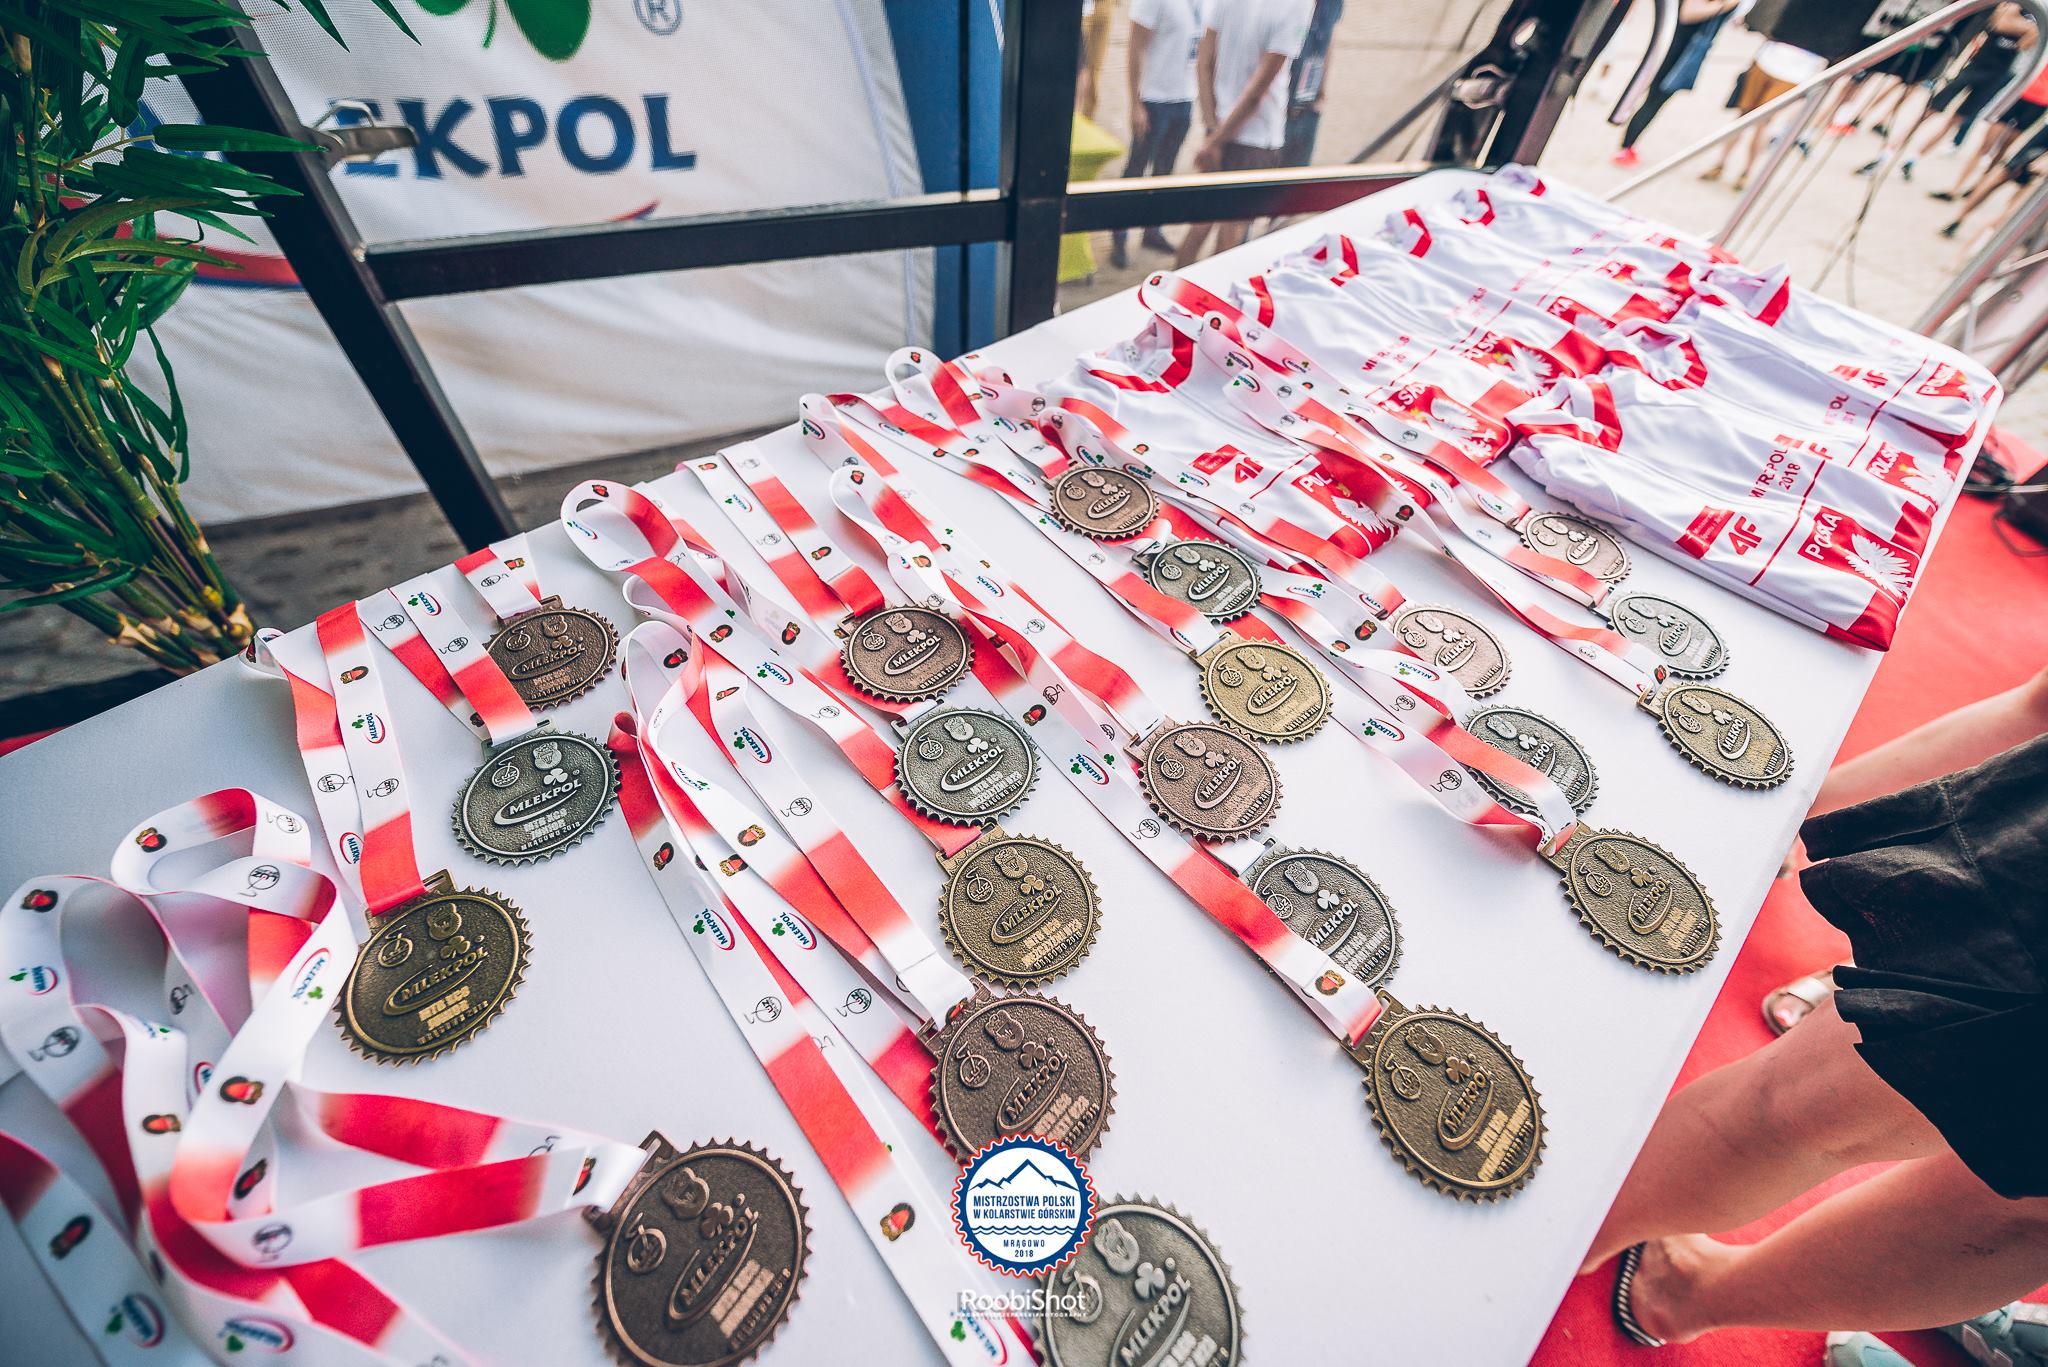 Mistrzostwa Polski w kolarstwie górskim 2018 [wyniki]